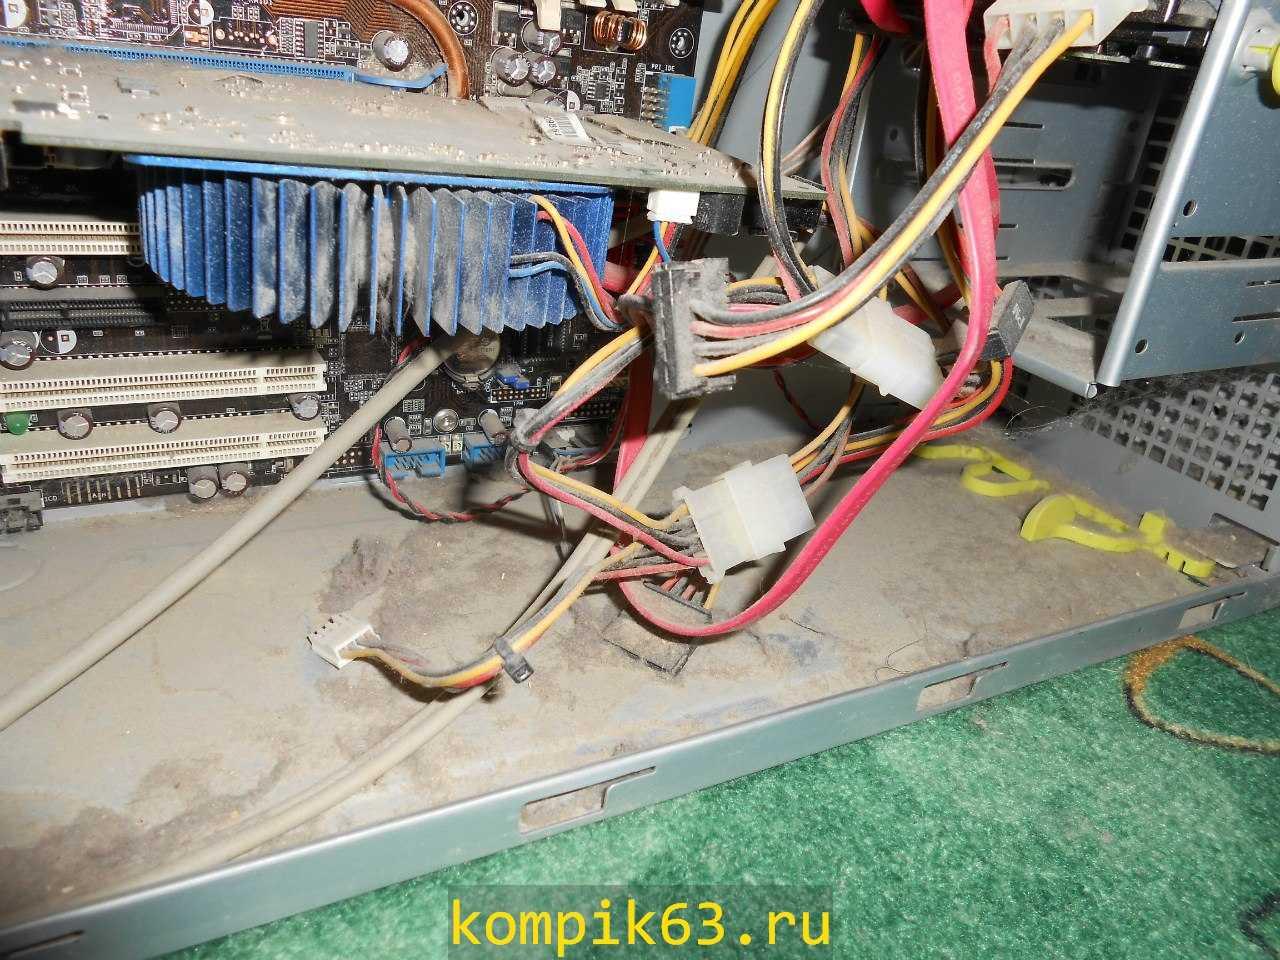 kompik63.ru-103